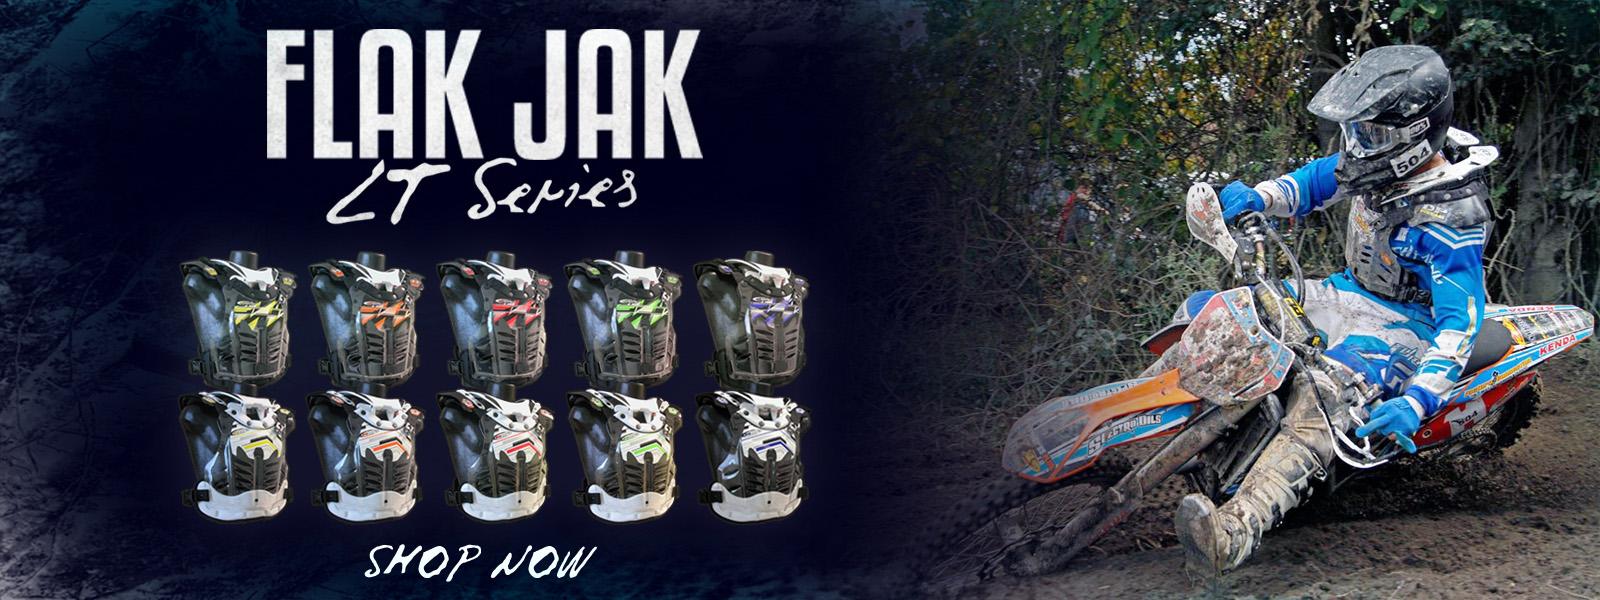 FLAK_JAK_LT_SERIES